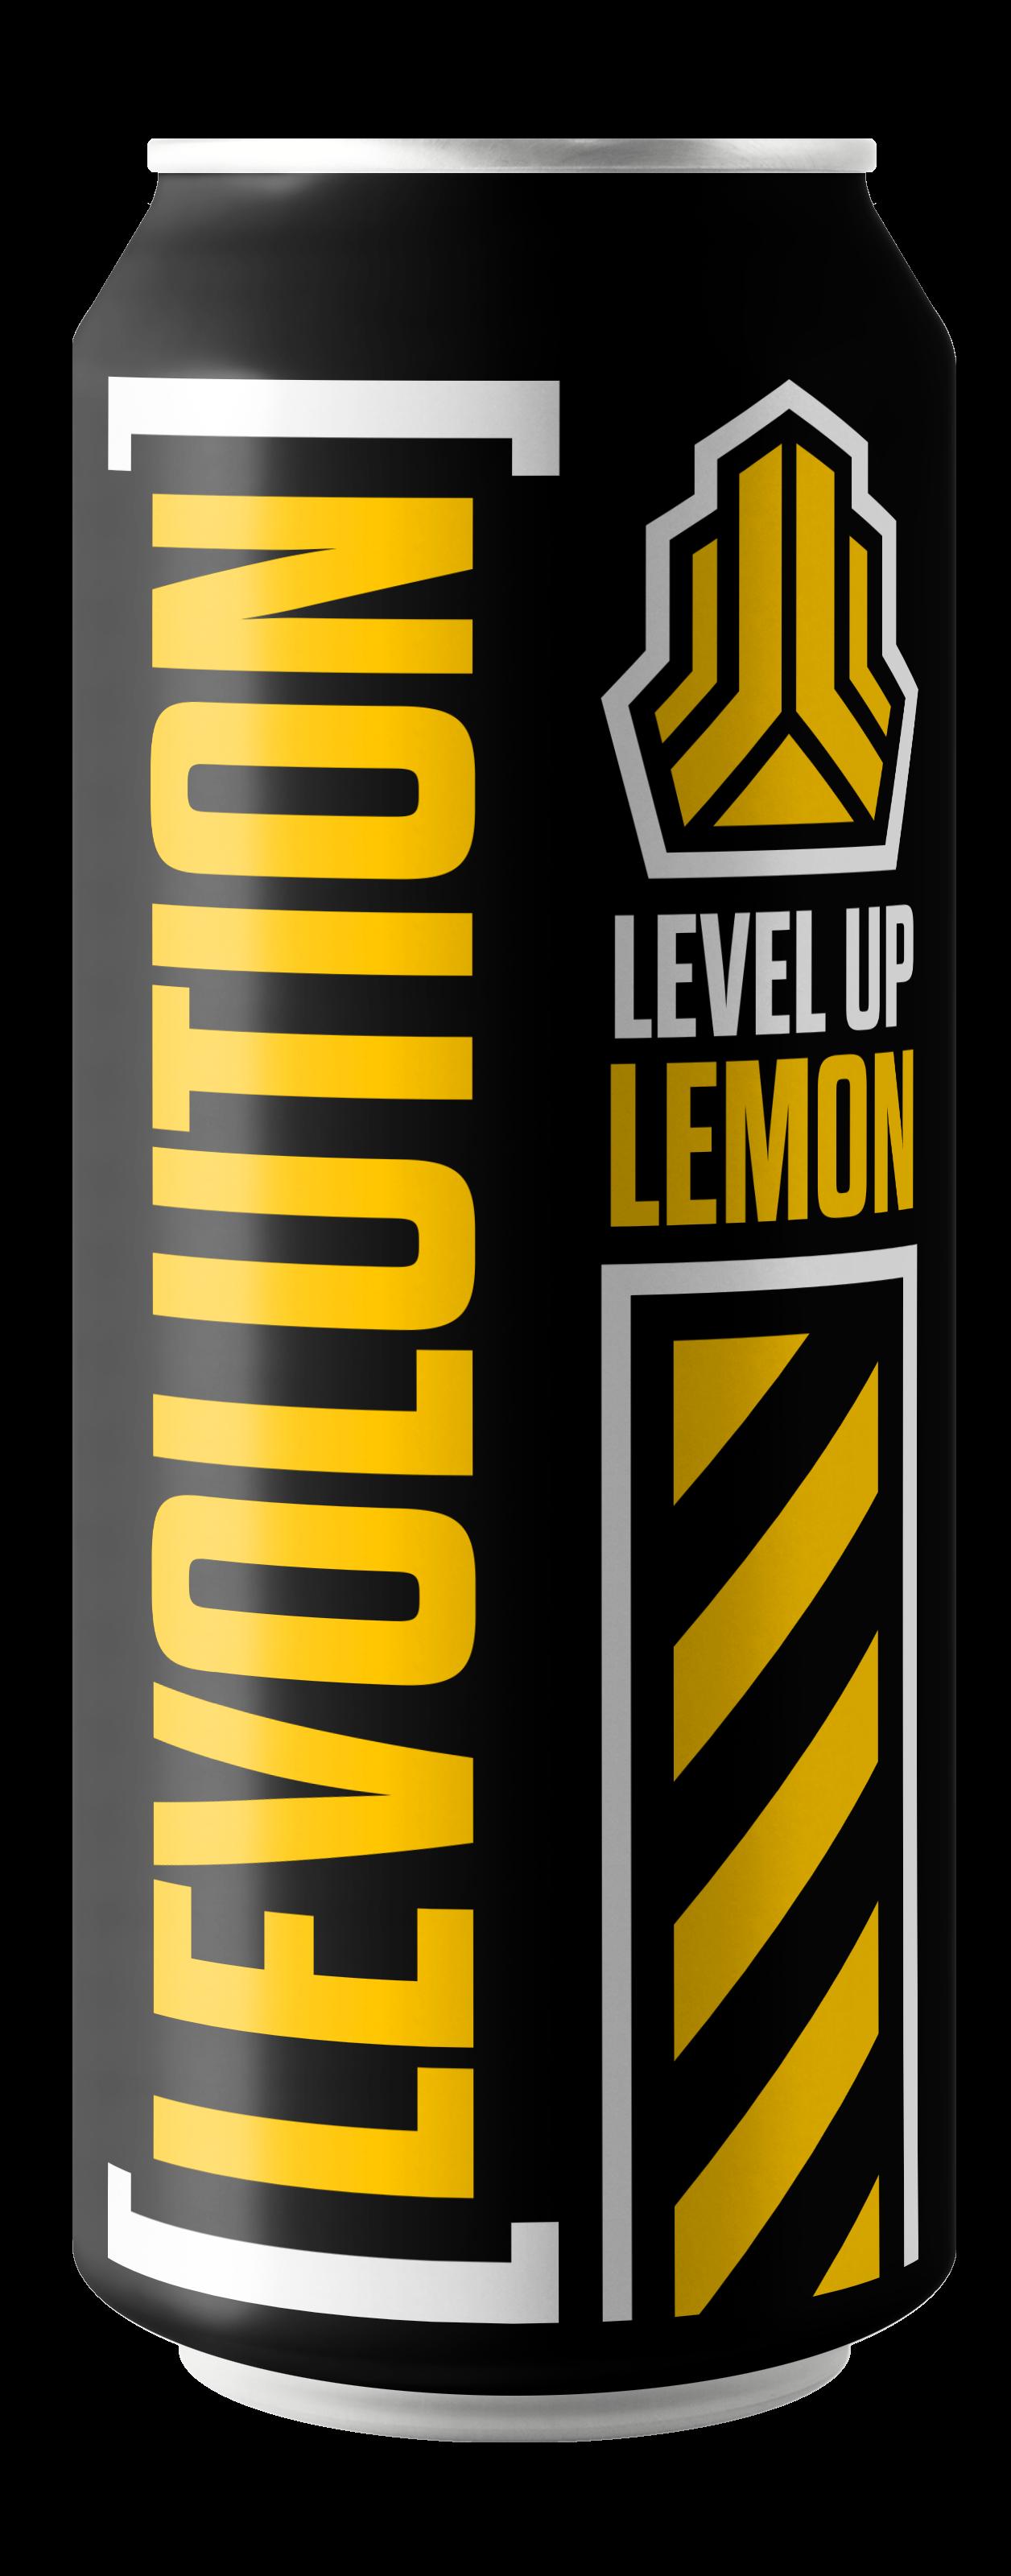 LEVEL-UP-LEMON